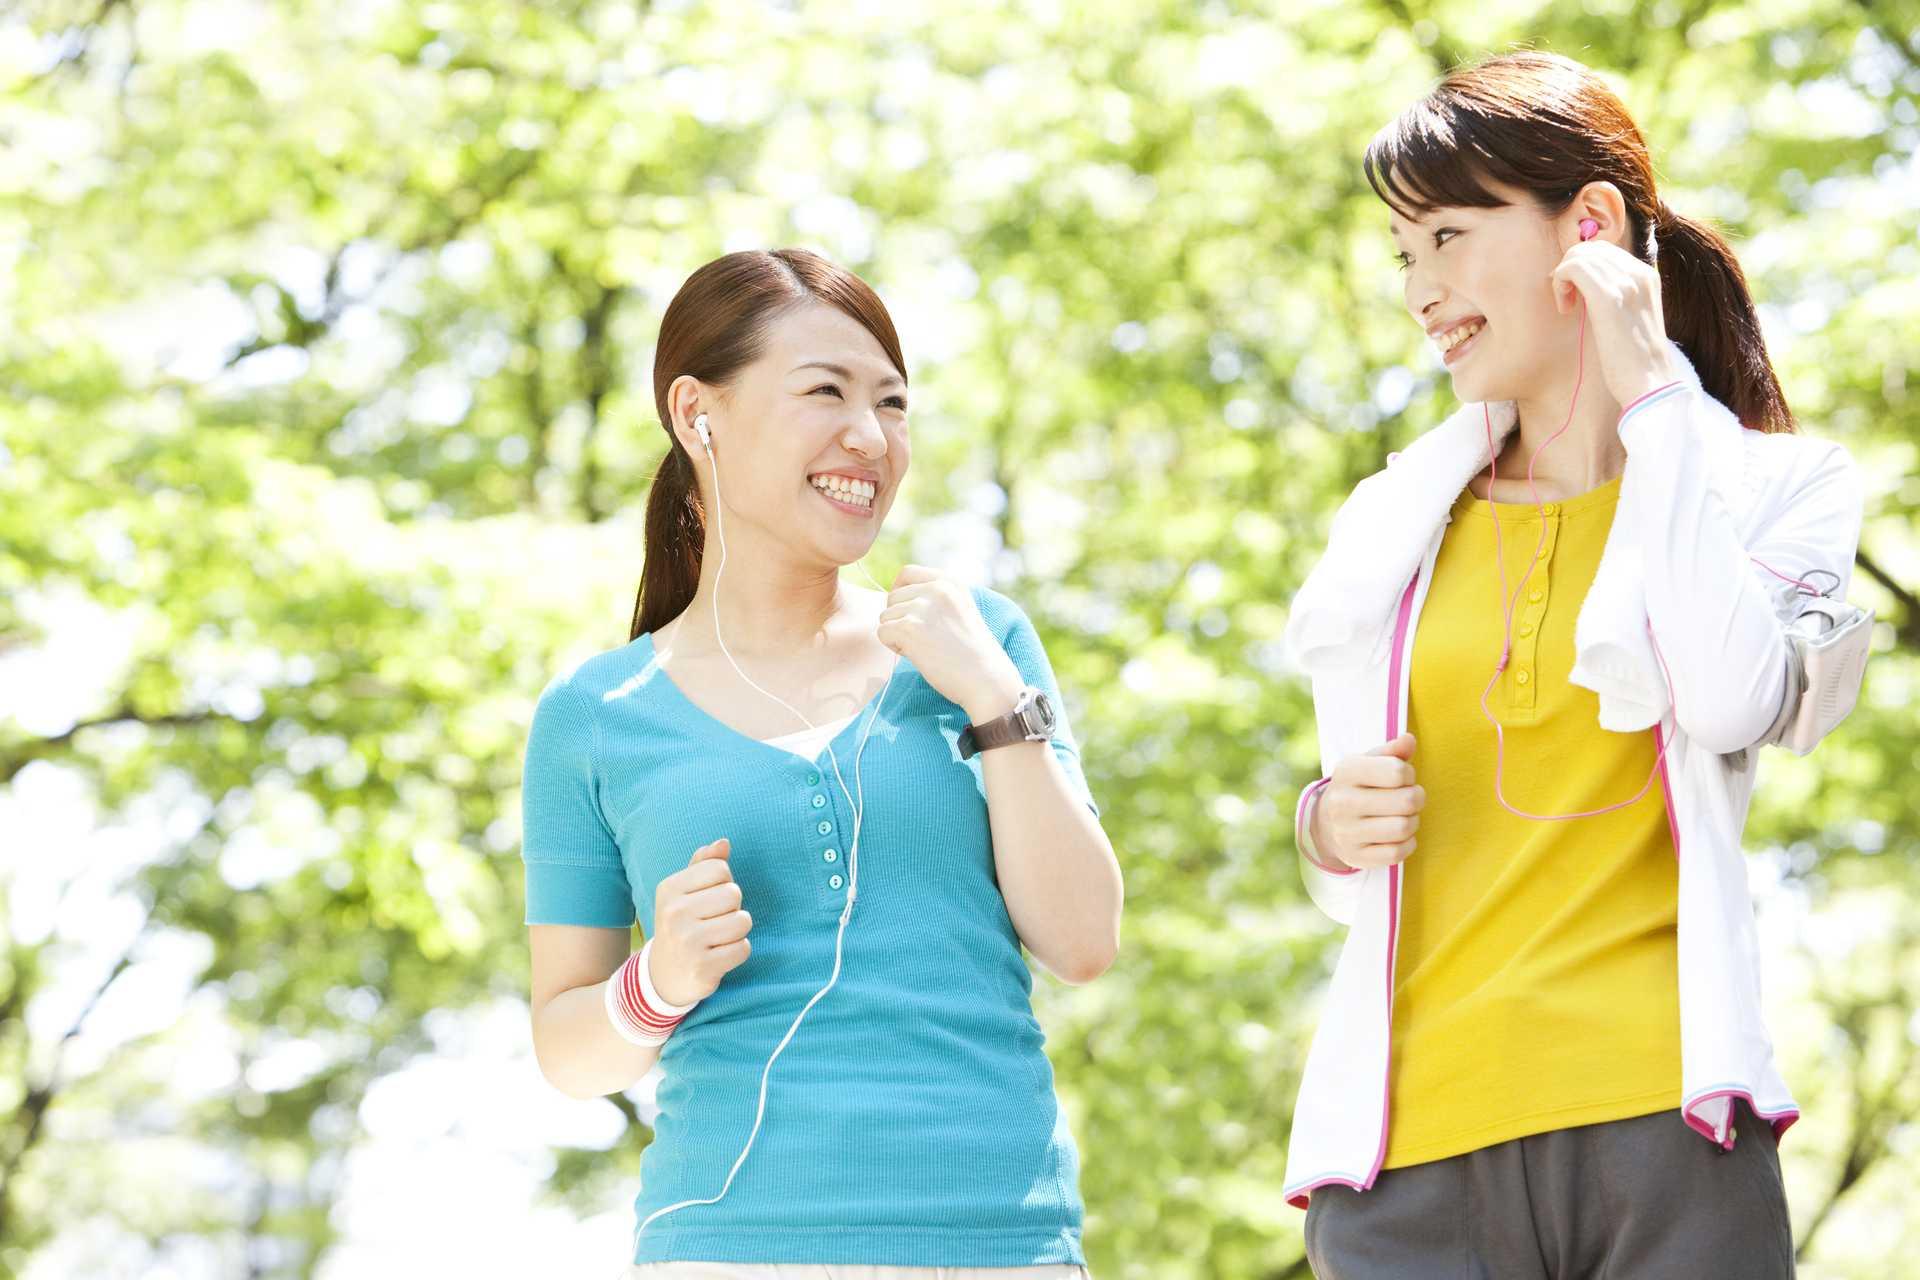 音楽は、テンションを最高潮まで一気に押し上げてくれる。 | 散歩の楽しみ方に気づく30のポイント